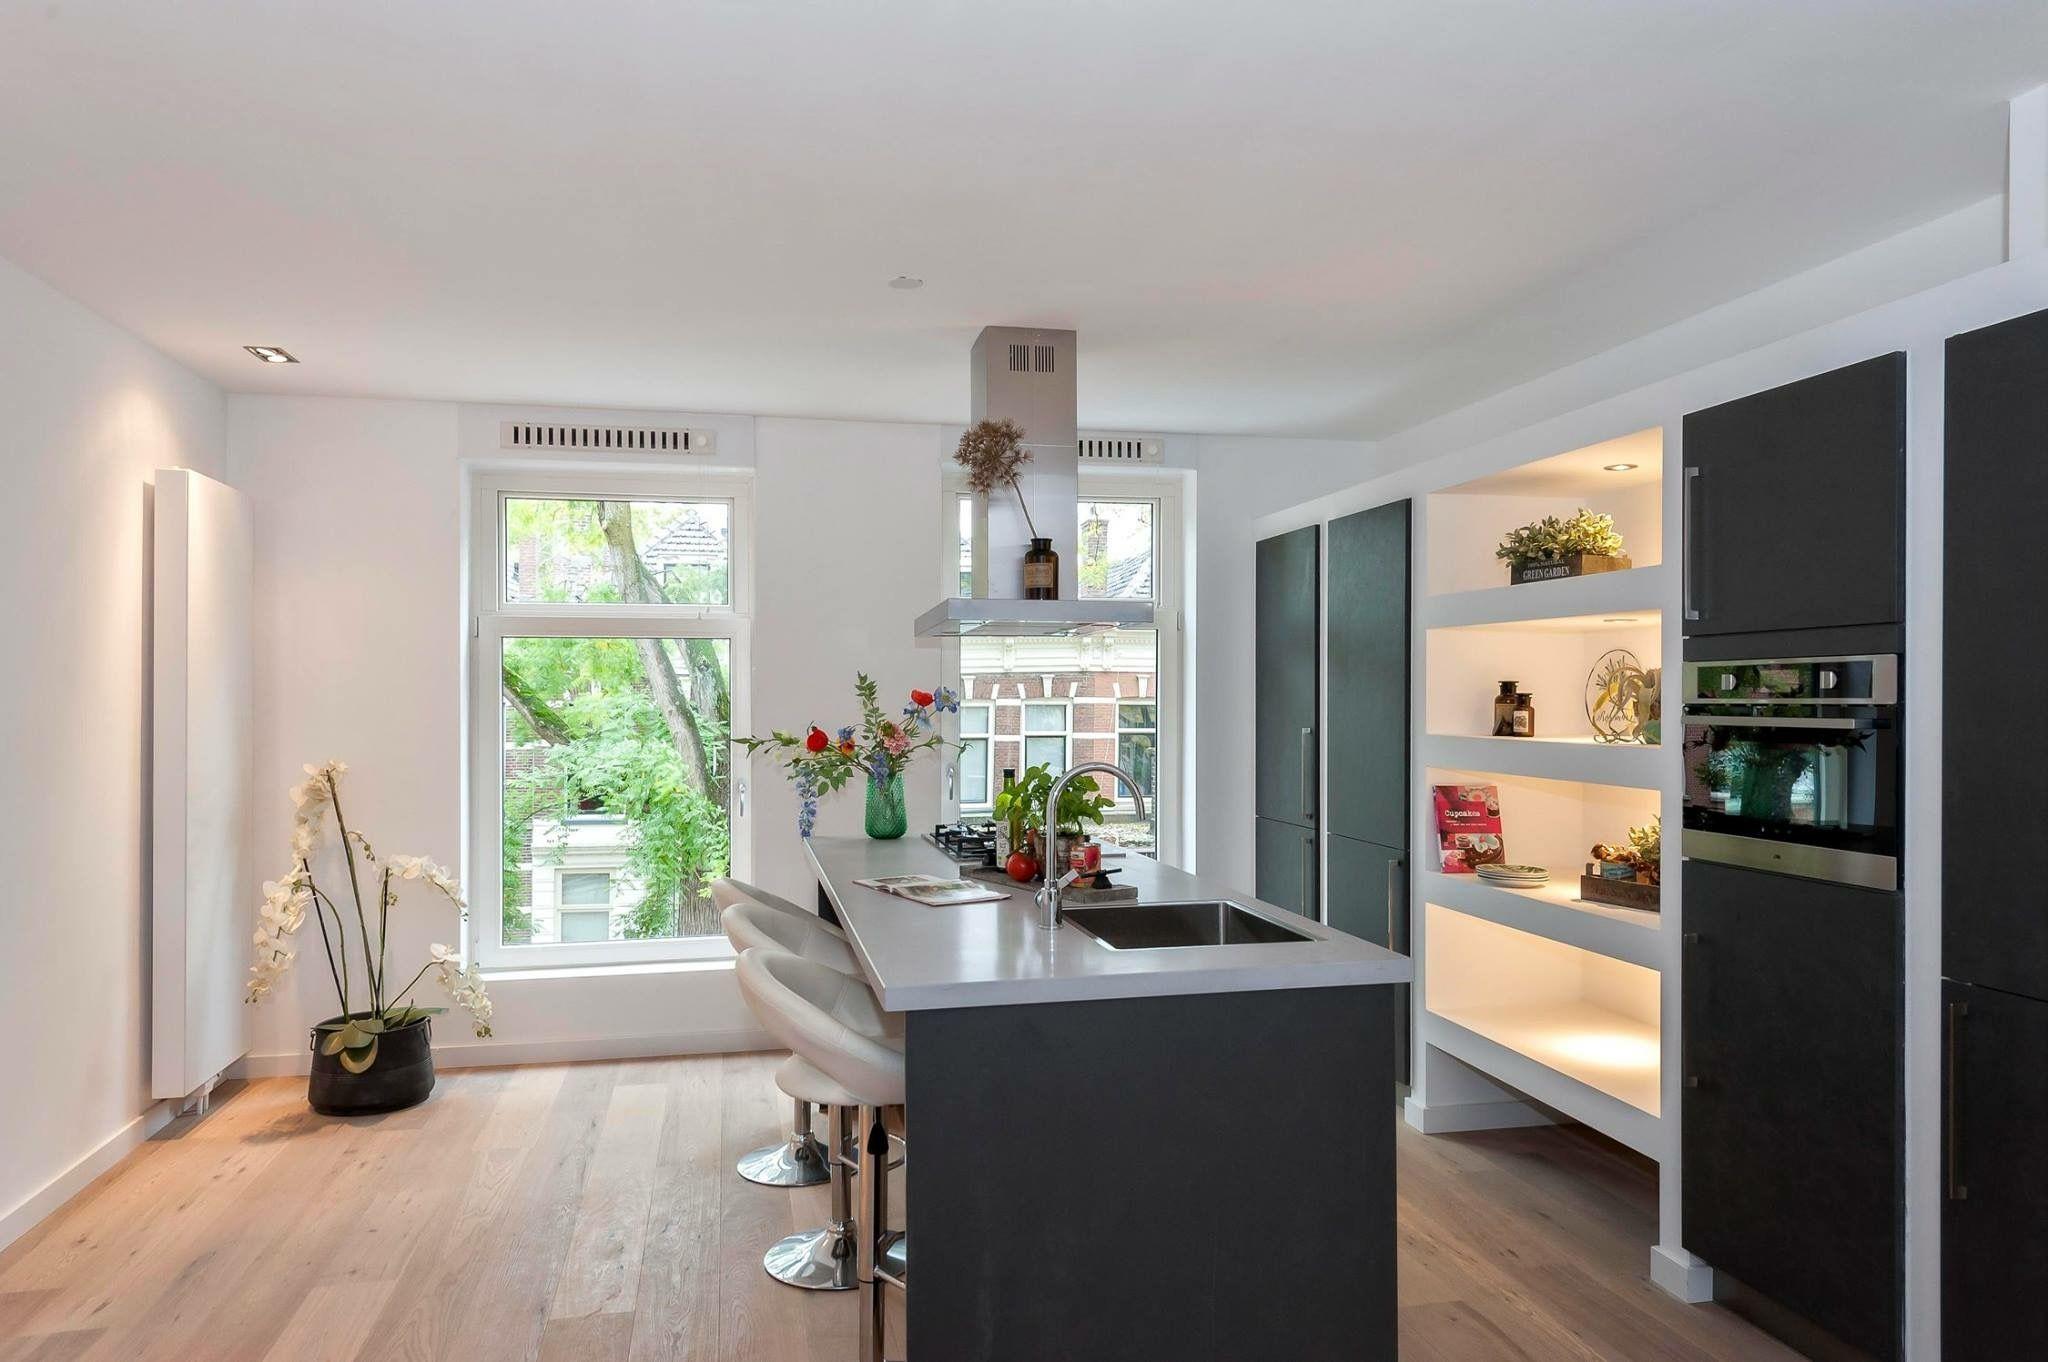 Antraciet Keuken Wit Blad Keuken Idee Keuken